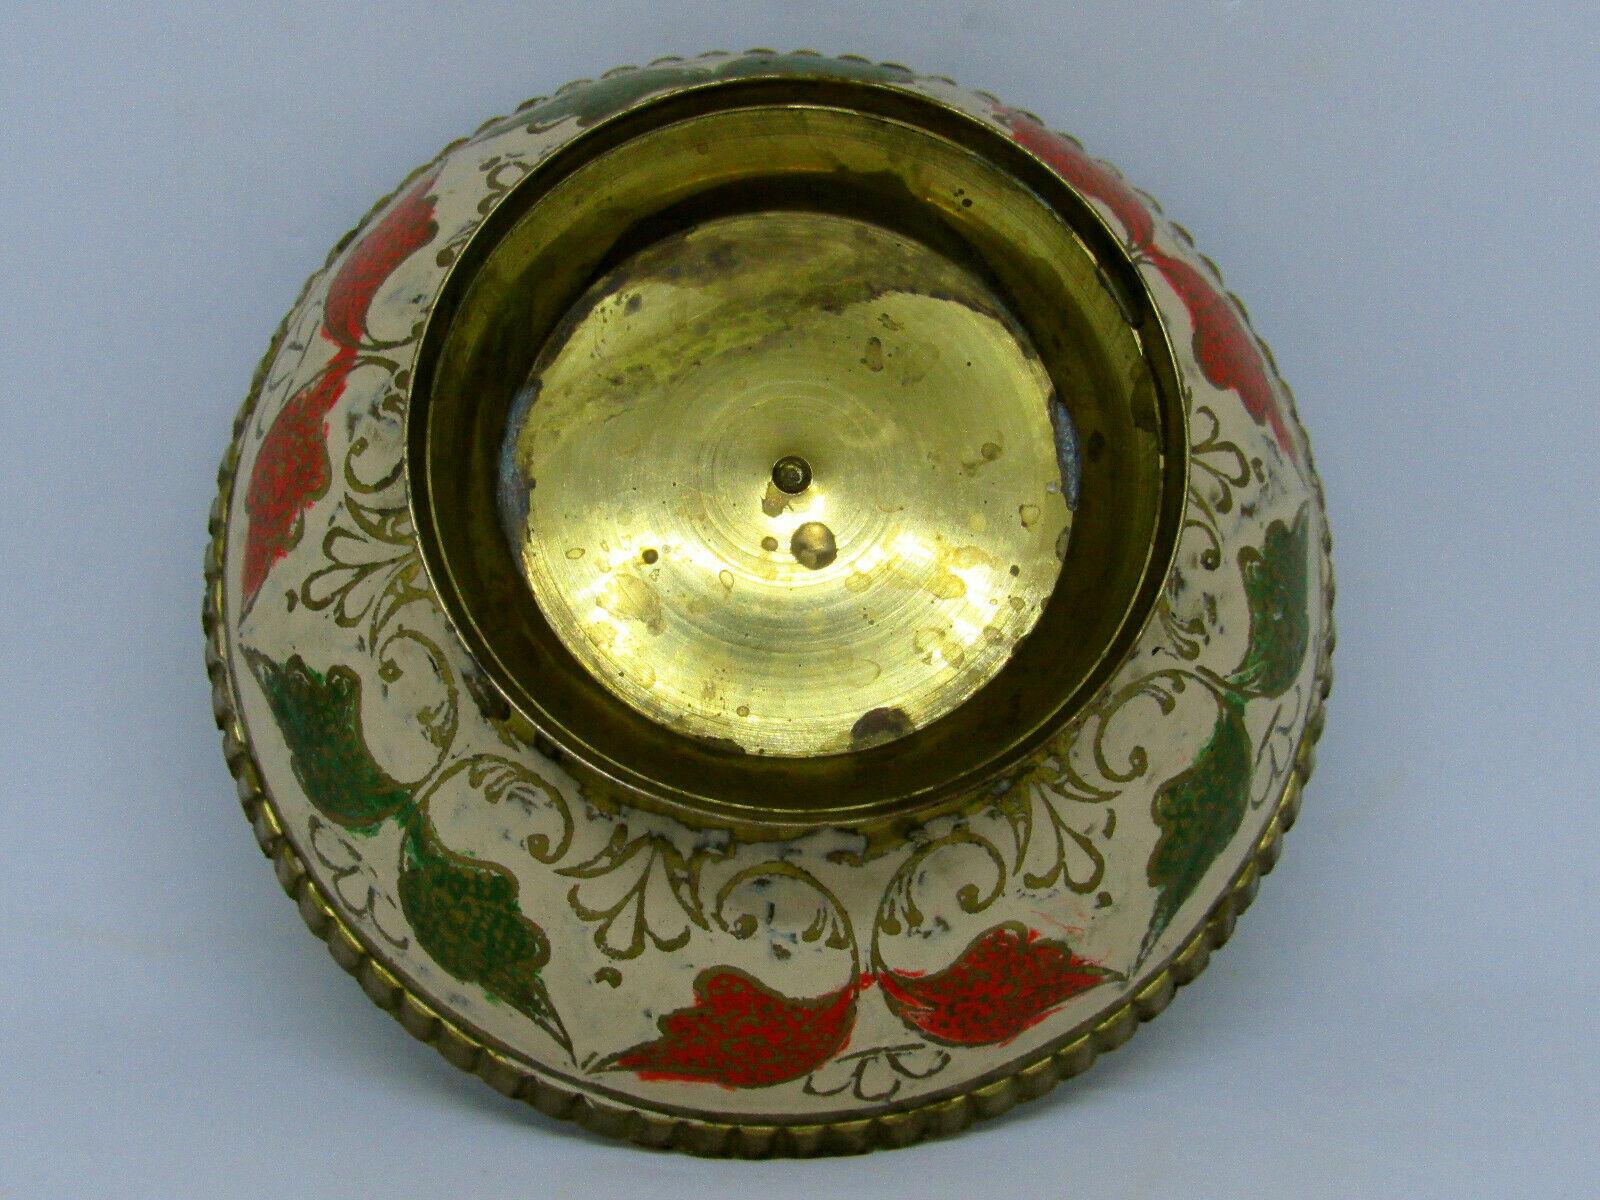 Vintage Brass Ornate Peacock Enameled Bowl on Pedestal image 8